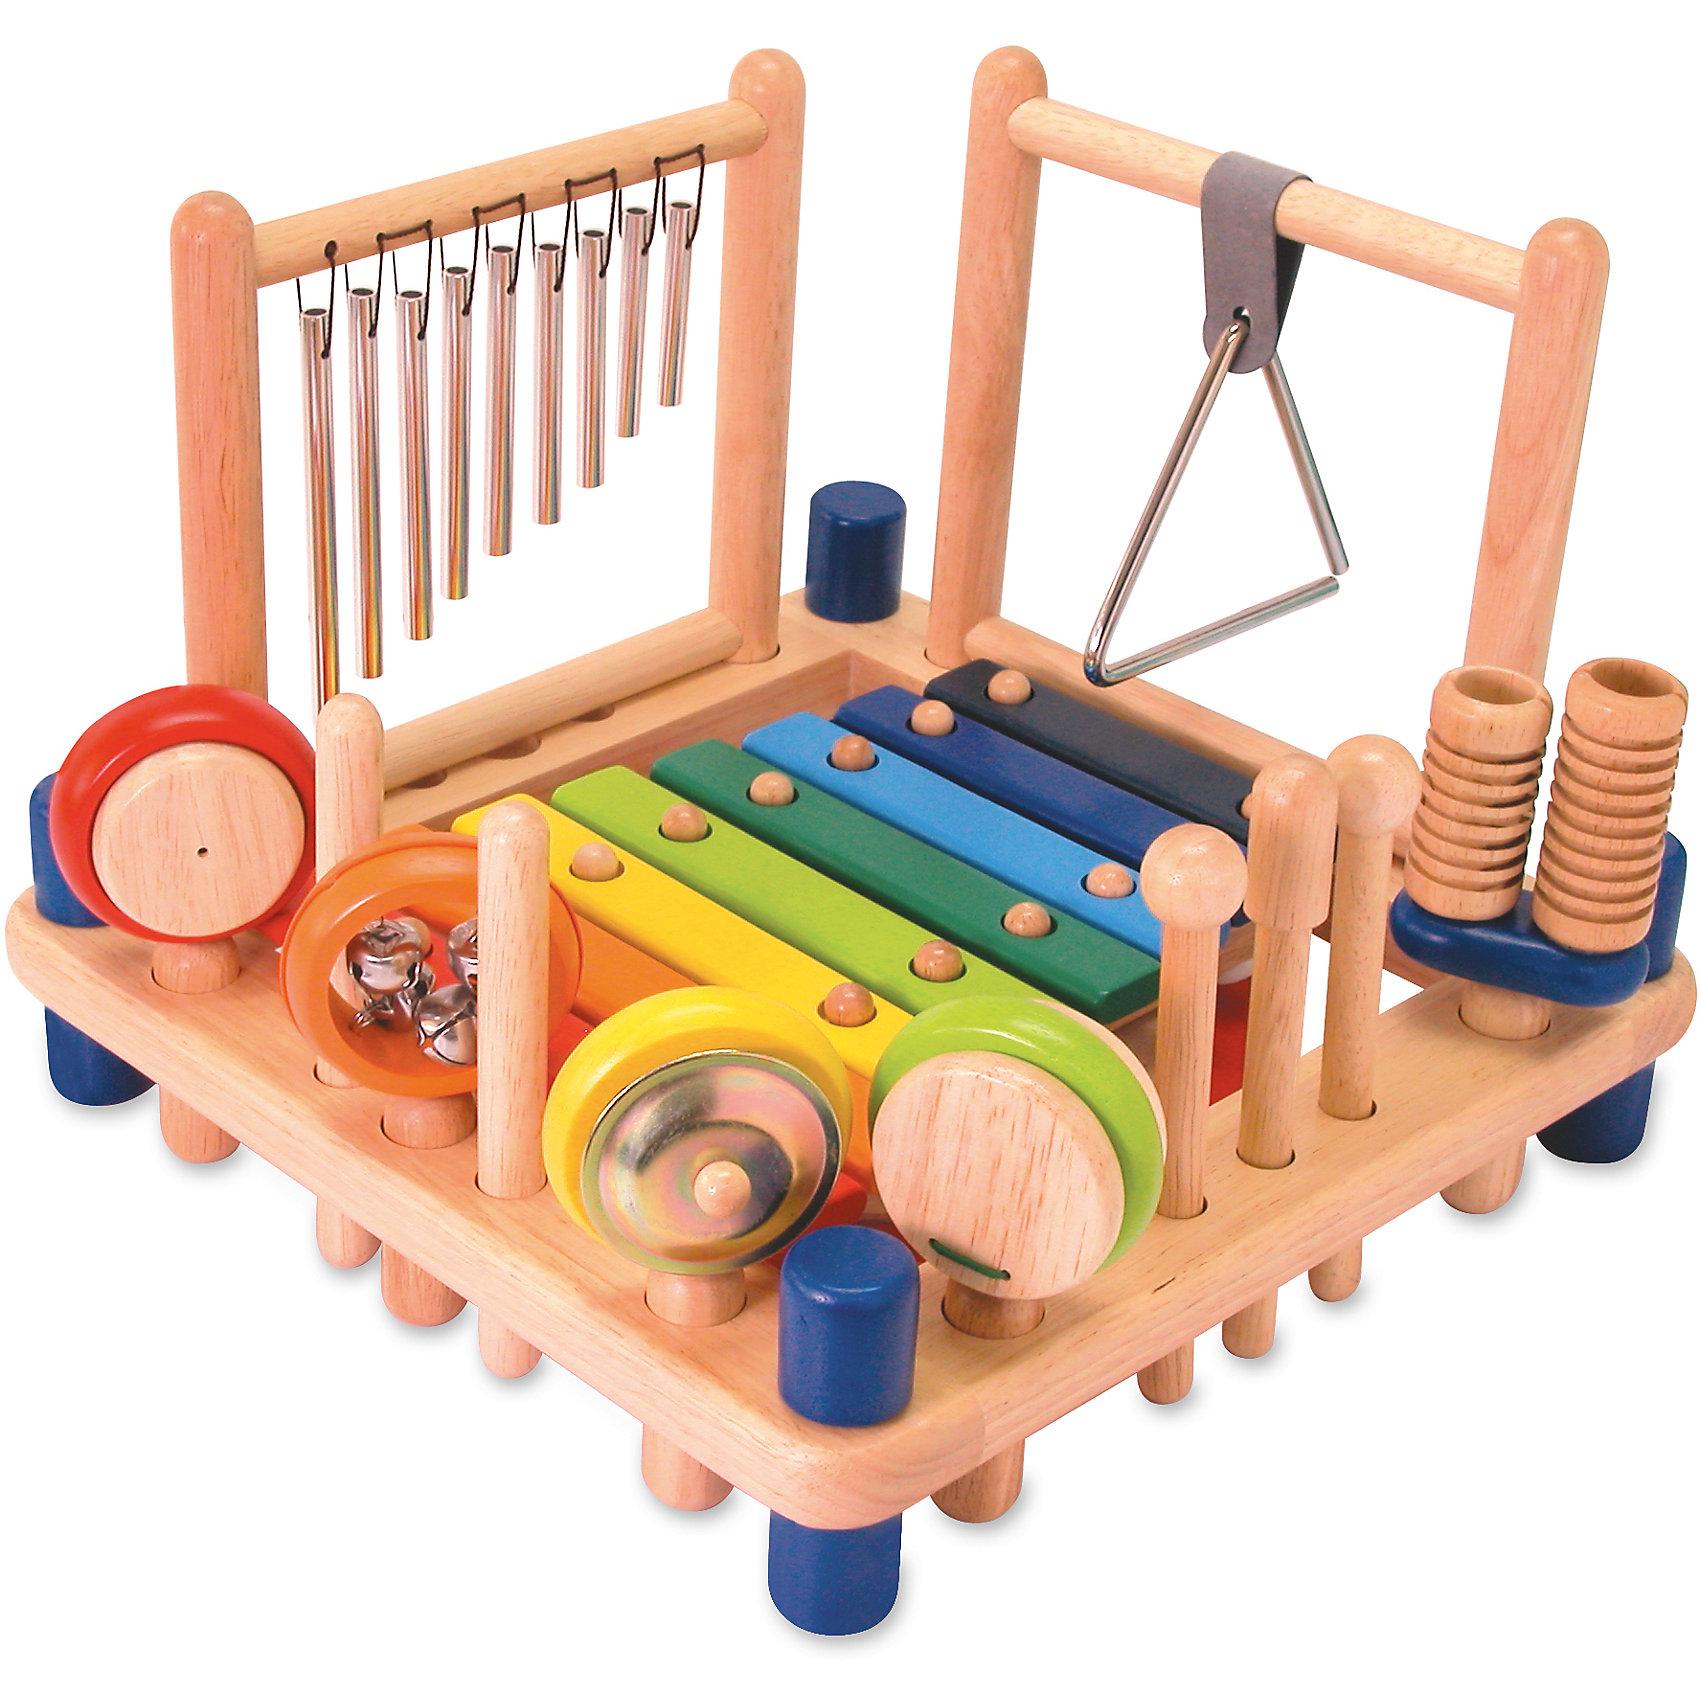 Развивающий набор Музыкальные инструменты, IM TOYДеревянные музыкальные игрушки<br>Многие дети обожают играть на музыкальных инструментах. Сделать это занятие веселее поможет набор из качественных деревянных инструментов. Они сделаны из прочного и гладкого китайского клена - он абсолютно безопасен для детей и тщательно обработан. Музыкальные инструменты закреплены на двусторонней станине, где есть ксилофон, барабан и съемные рамка с треугольником, куранты, маракасы, бубенчики, литавры, кастаньеты, коробочки и палочки. С этим набором могут играть могут сразу несколько человек - можно собрать свою группу или маленький оркестр!<br>Такой набор обязательно порадует ребенка! Игра с ним помогает детям развивать музыкальный слух. Набор сделан из качественных и безопасных для ребенка материалов.<br><br>Дополнительная информация:<br><br>цвет: разноцветный;<br>размер станины: 33 х 33 см;<br>размер упаковки: 34 х 34 х 10 см;<br>комплектация:  ксилофон, барабан, цимбалы, маракасы, трещотка, кастаньеты, треугольник, металлические трубочки, 5 деревянных палочек, 8 деталей ножек стола;<br>материал: дерево.<br><br>Развивающий набор Музыкальные инструменты, IM TOY можно купить в нашем магазине.<br><br>Ширина мм: 250<br>Глубина мм: 330<br>Высота мм: 330<br>Вес г: 250<br>Возраст от месяцев: 36<br>Возраст до месяцев: 96<br>Пол: Мужской<br>Возраст: Детский<br>SKU: 4915069